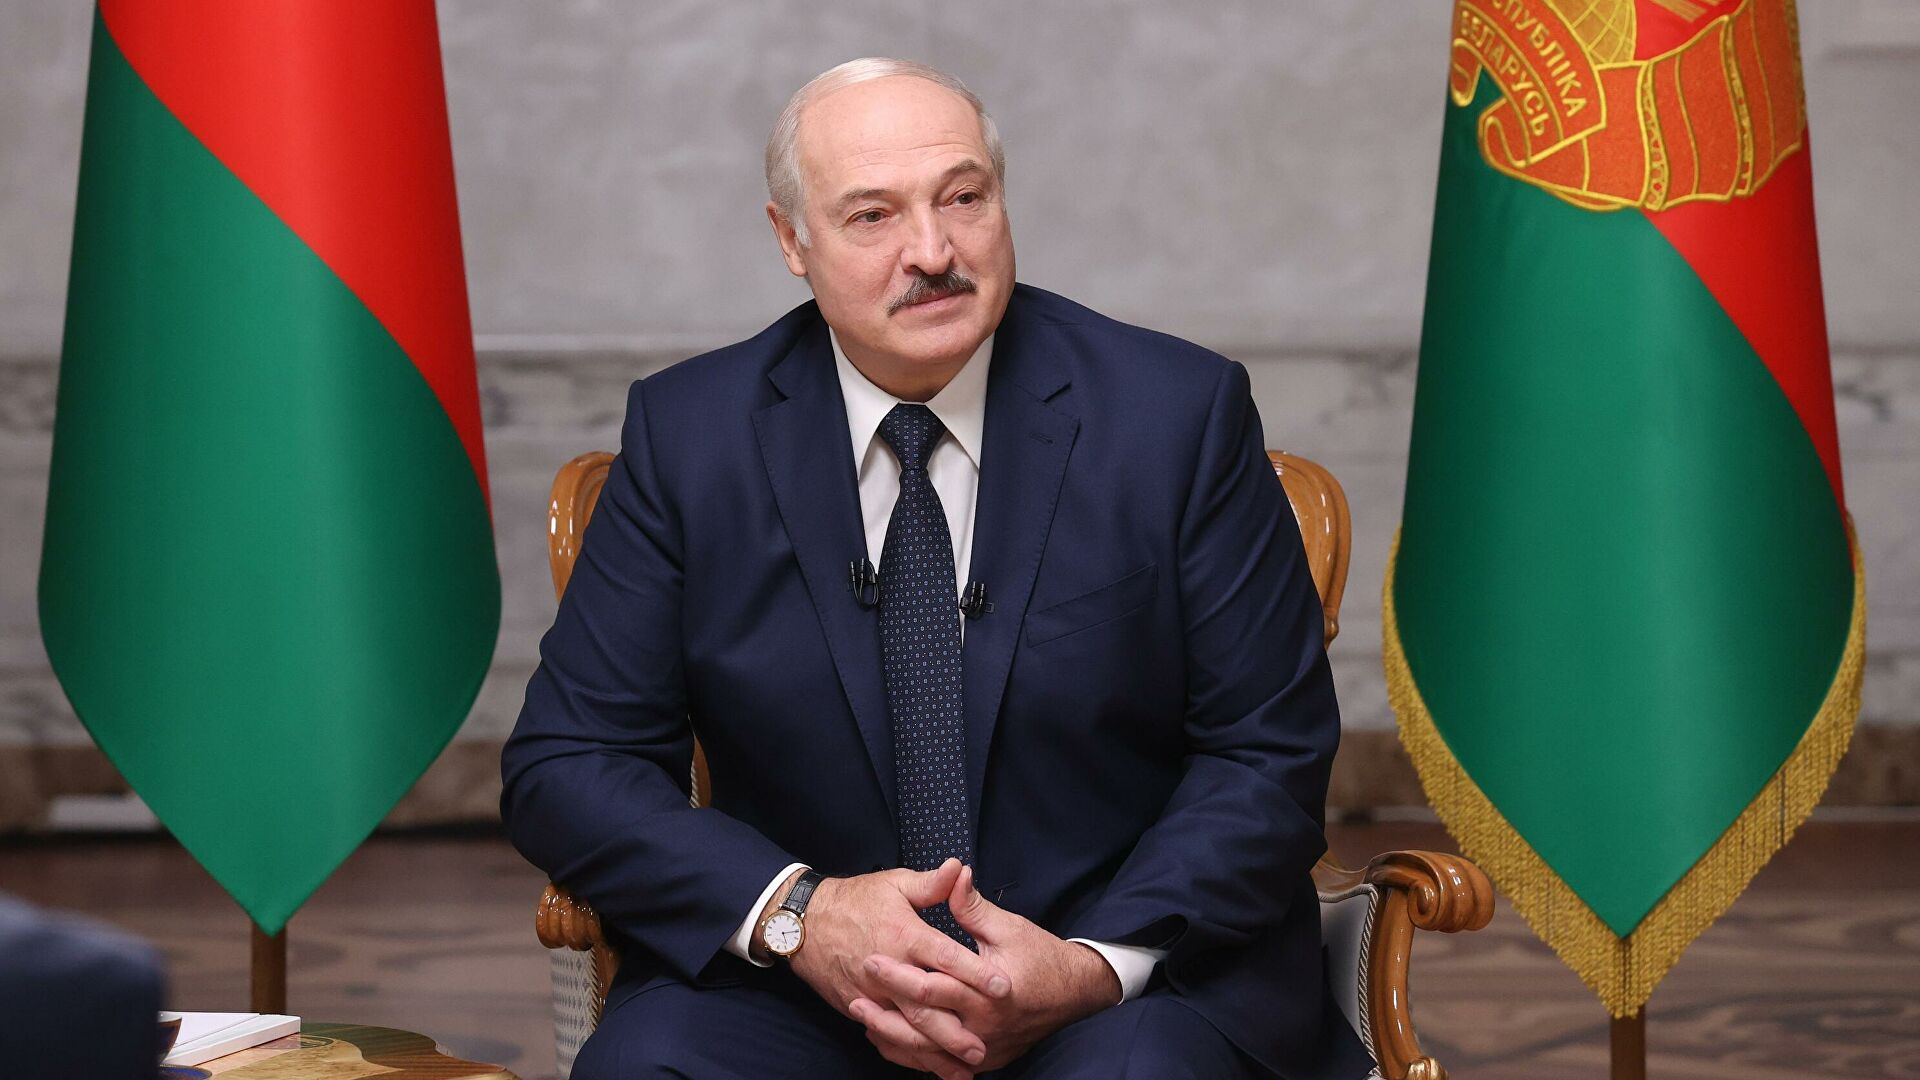 Лукашенко: Никога из западних земаља и уопште никога нисмо дужни да обавештавамо